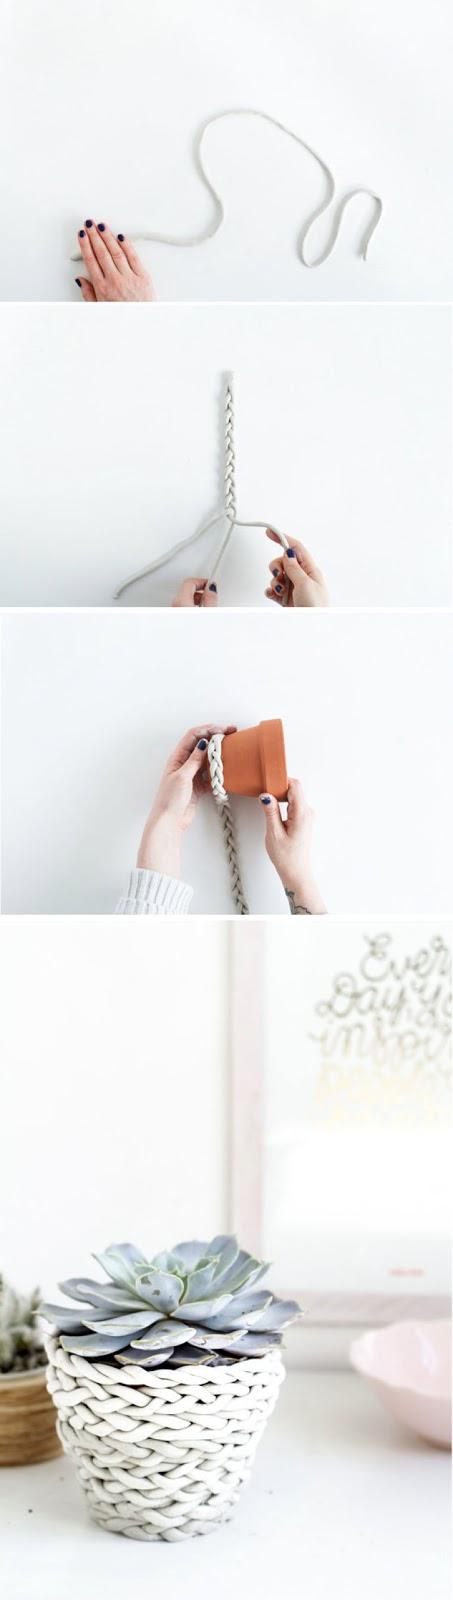 PUNTXET Decorar una maceta con una trenza de arcilla #DIY #decoracion #handmade #manualidades